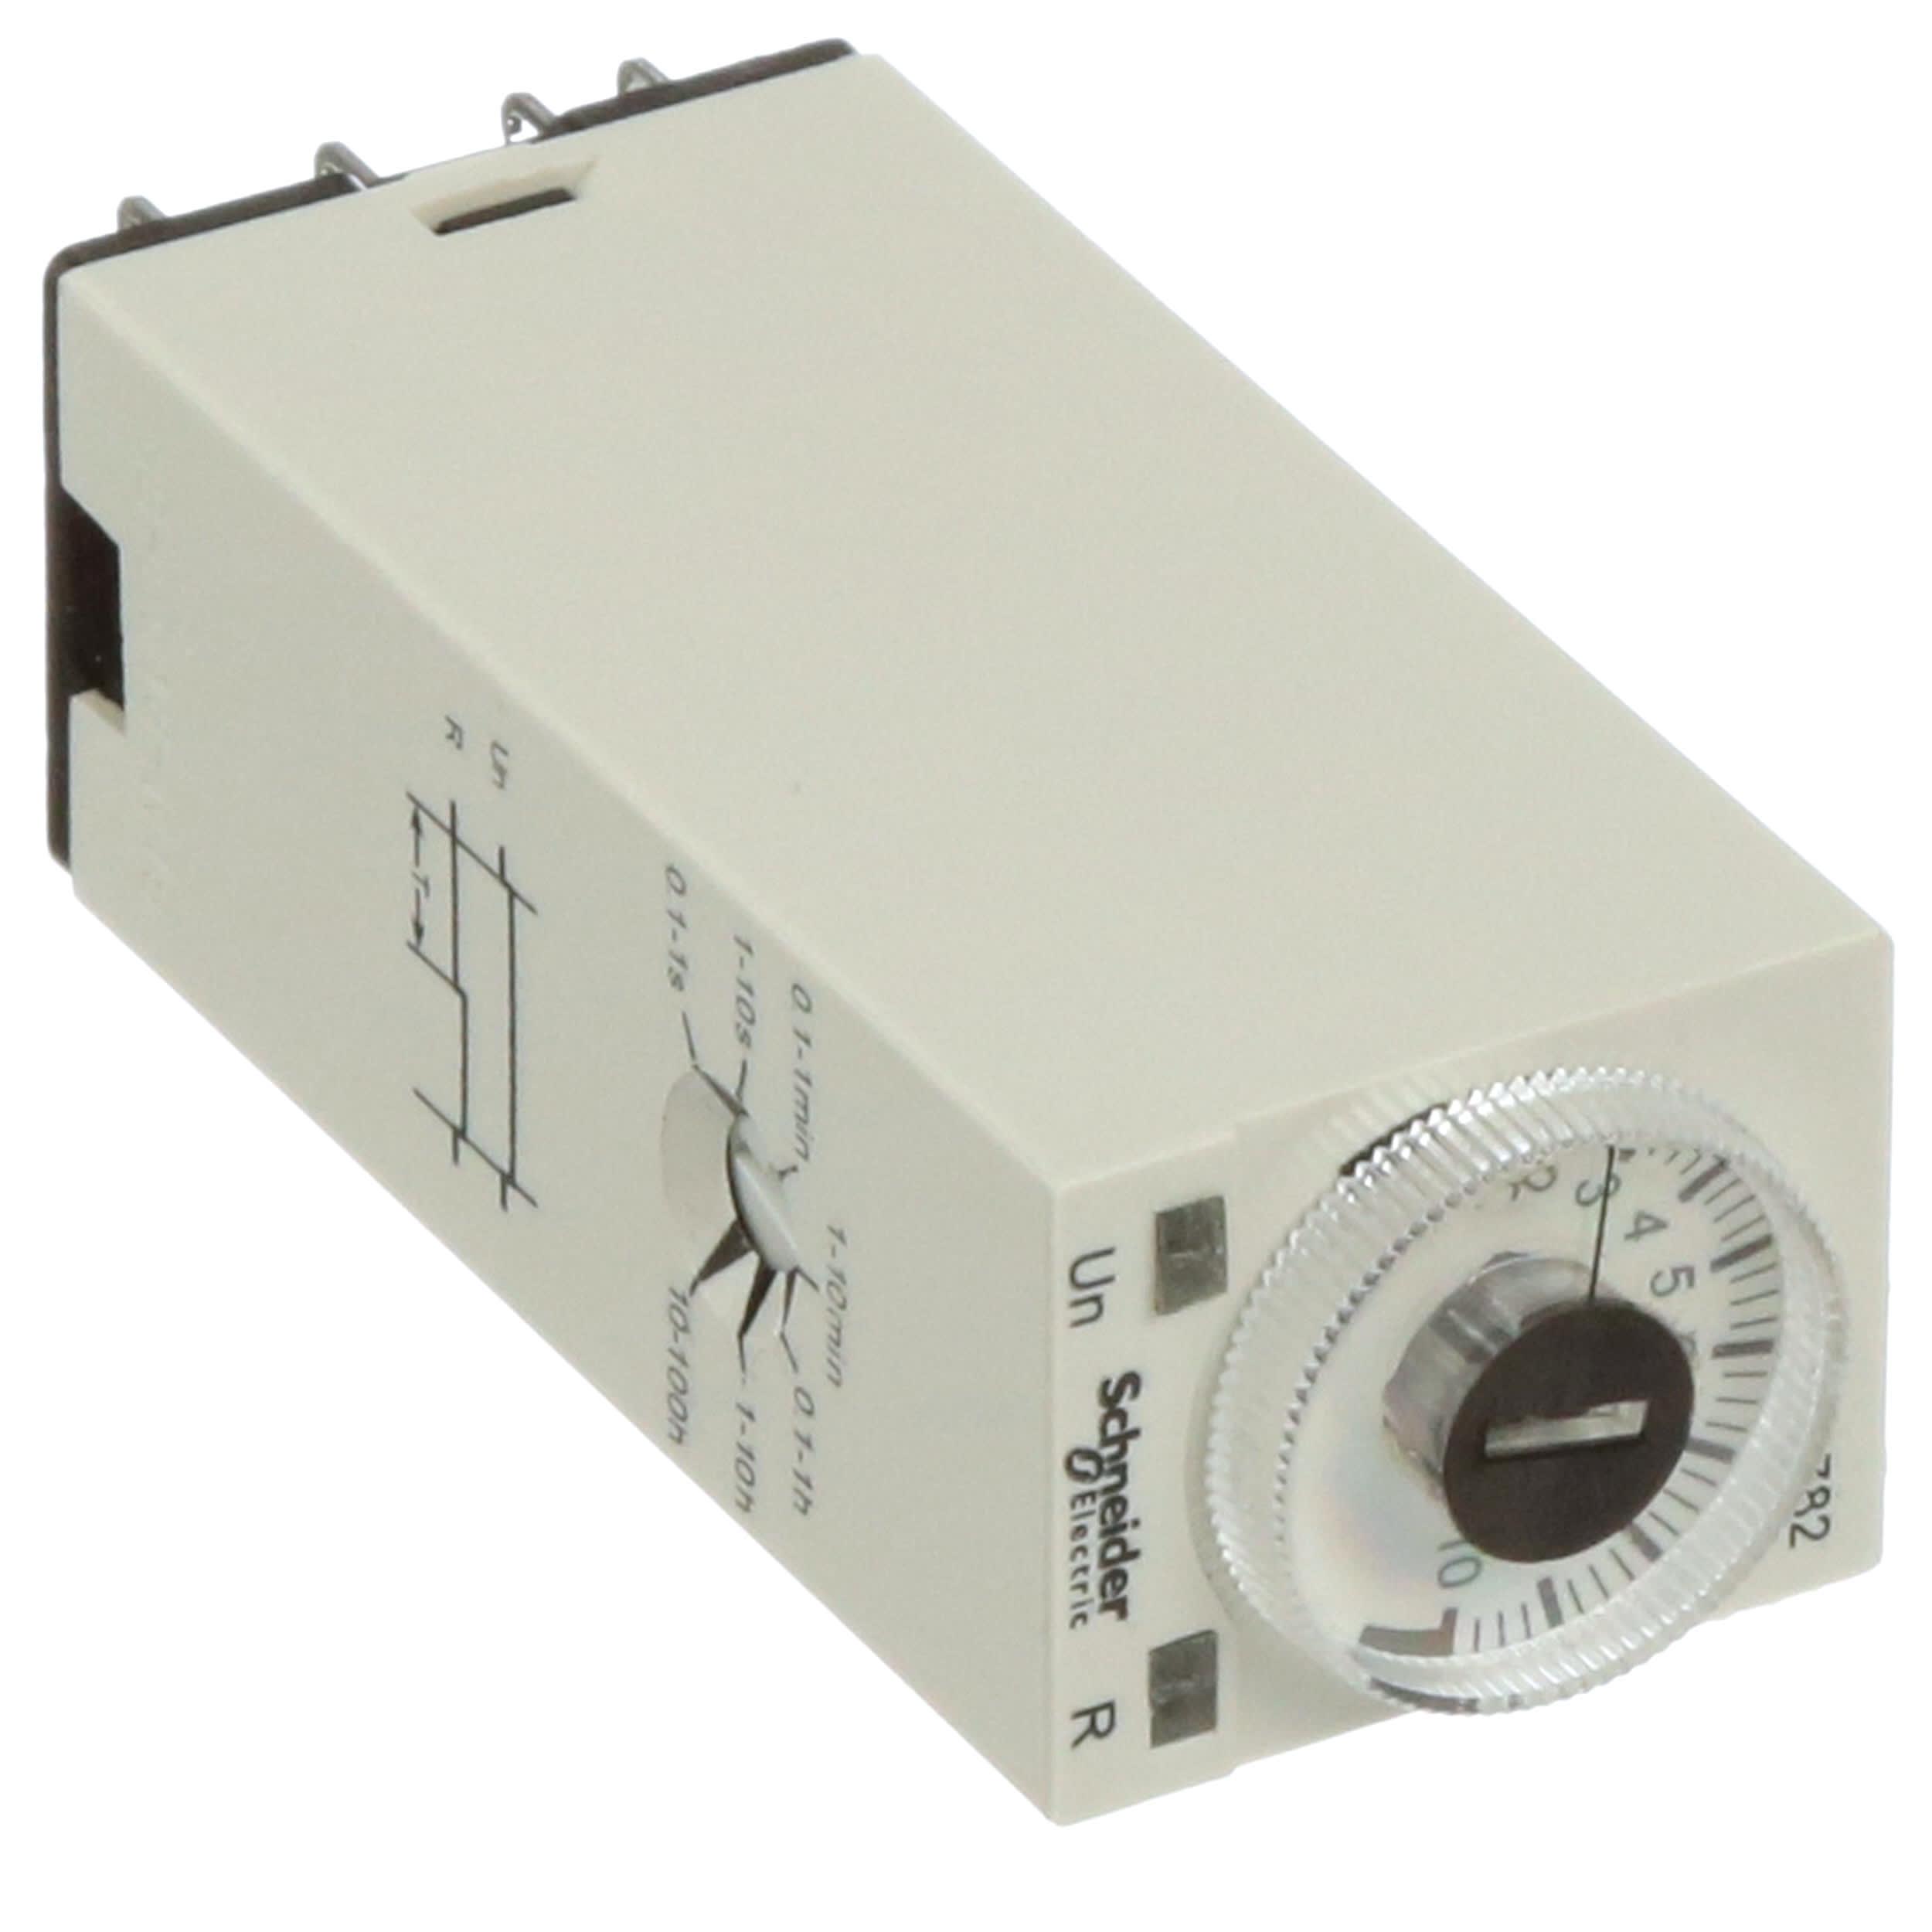 Schneider Electric/Magnecraft - TDR782XDXA-110A - Relay